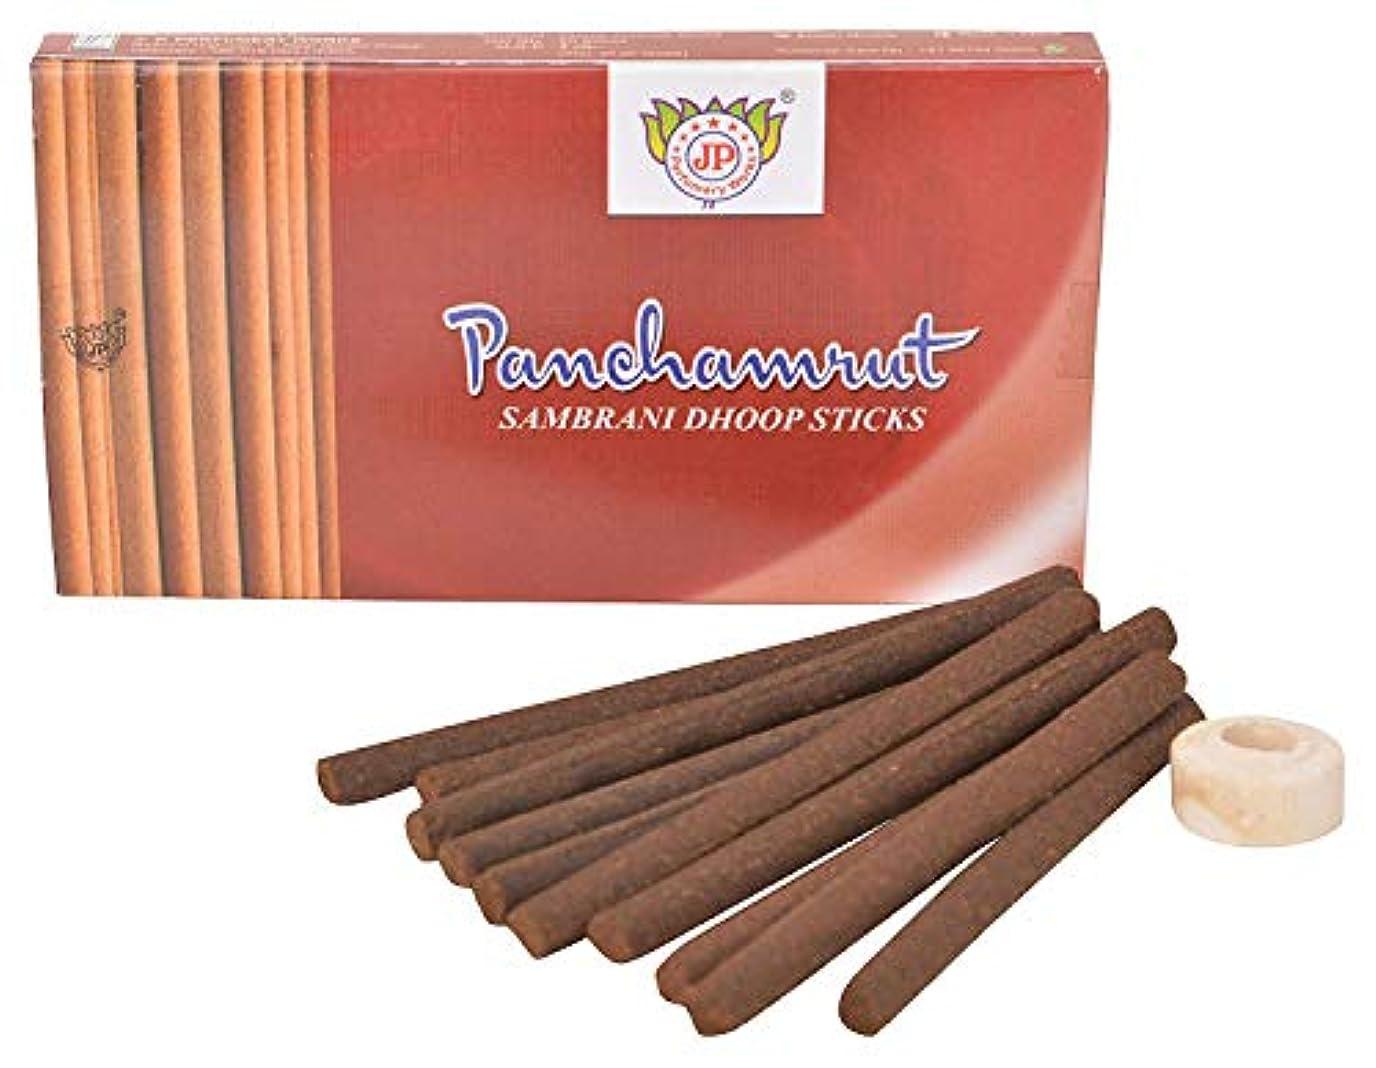 寮パッド翻訳するJ.P.Perfumery Works Panchamrut Sambrani Dhoop Sticks - Pack 12